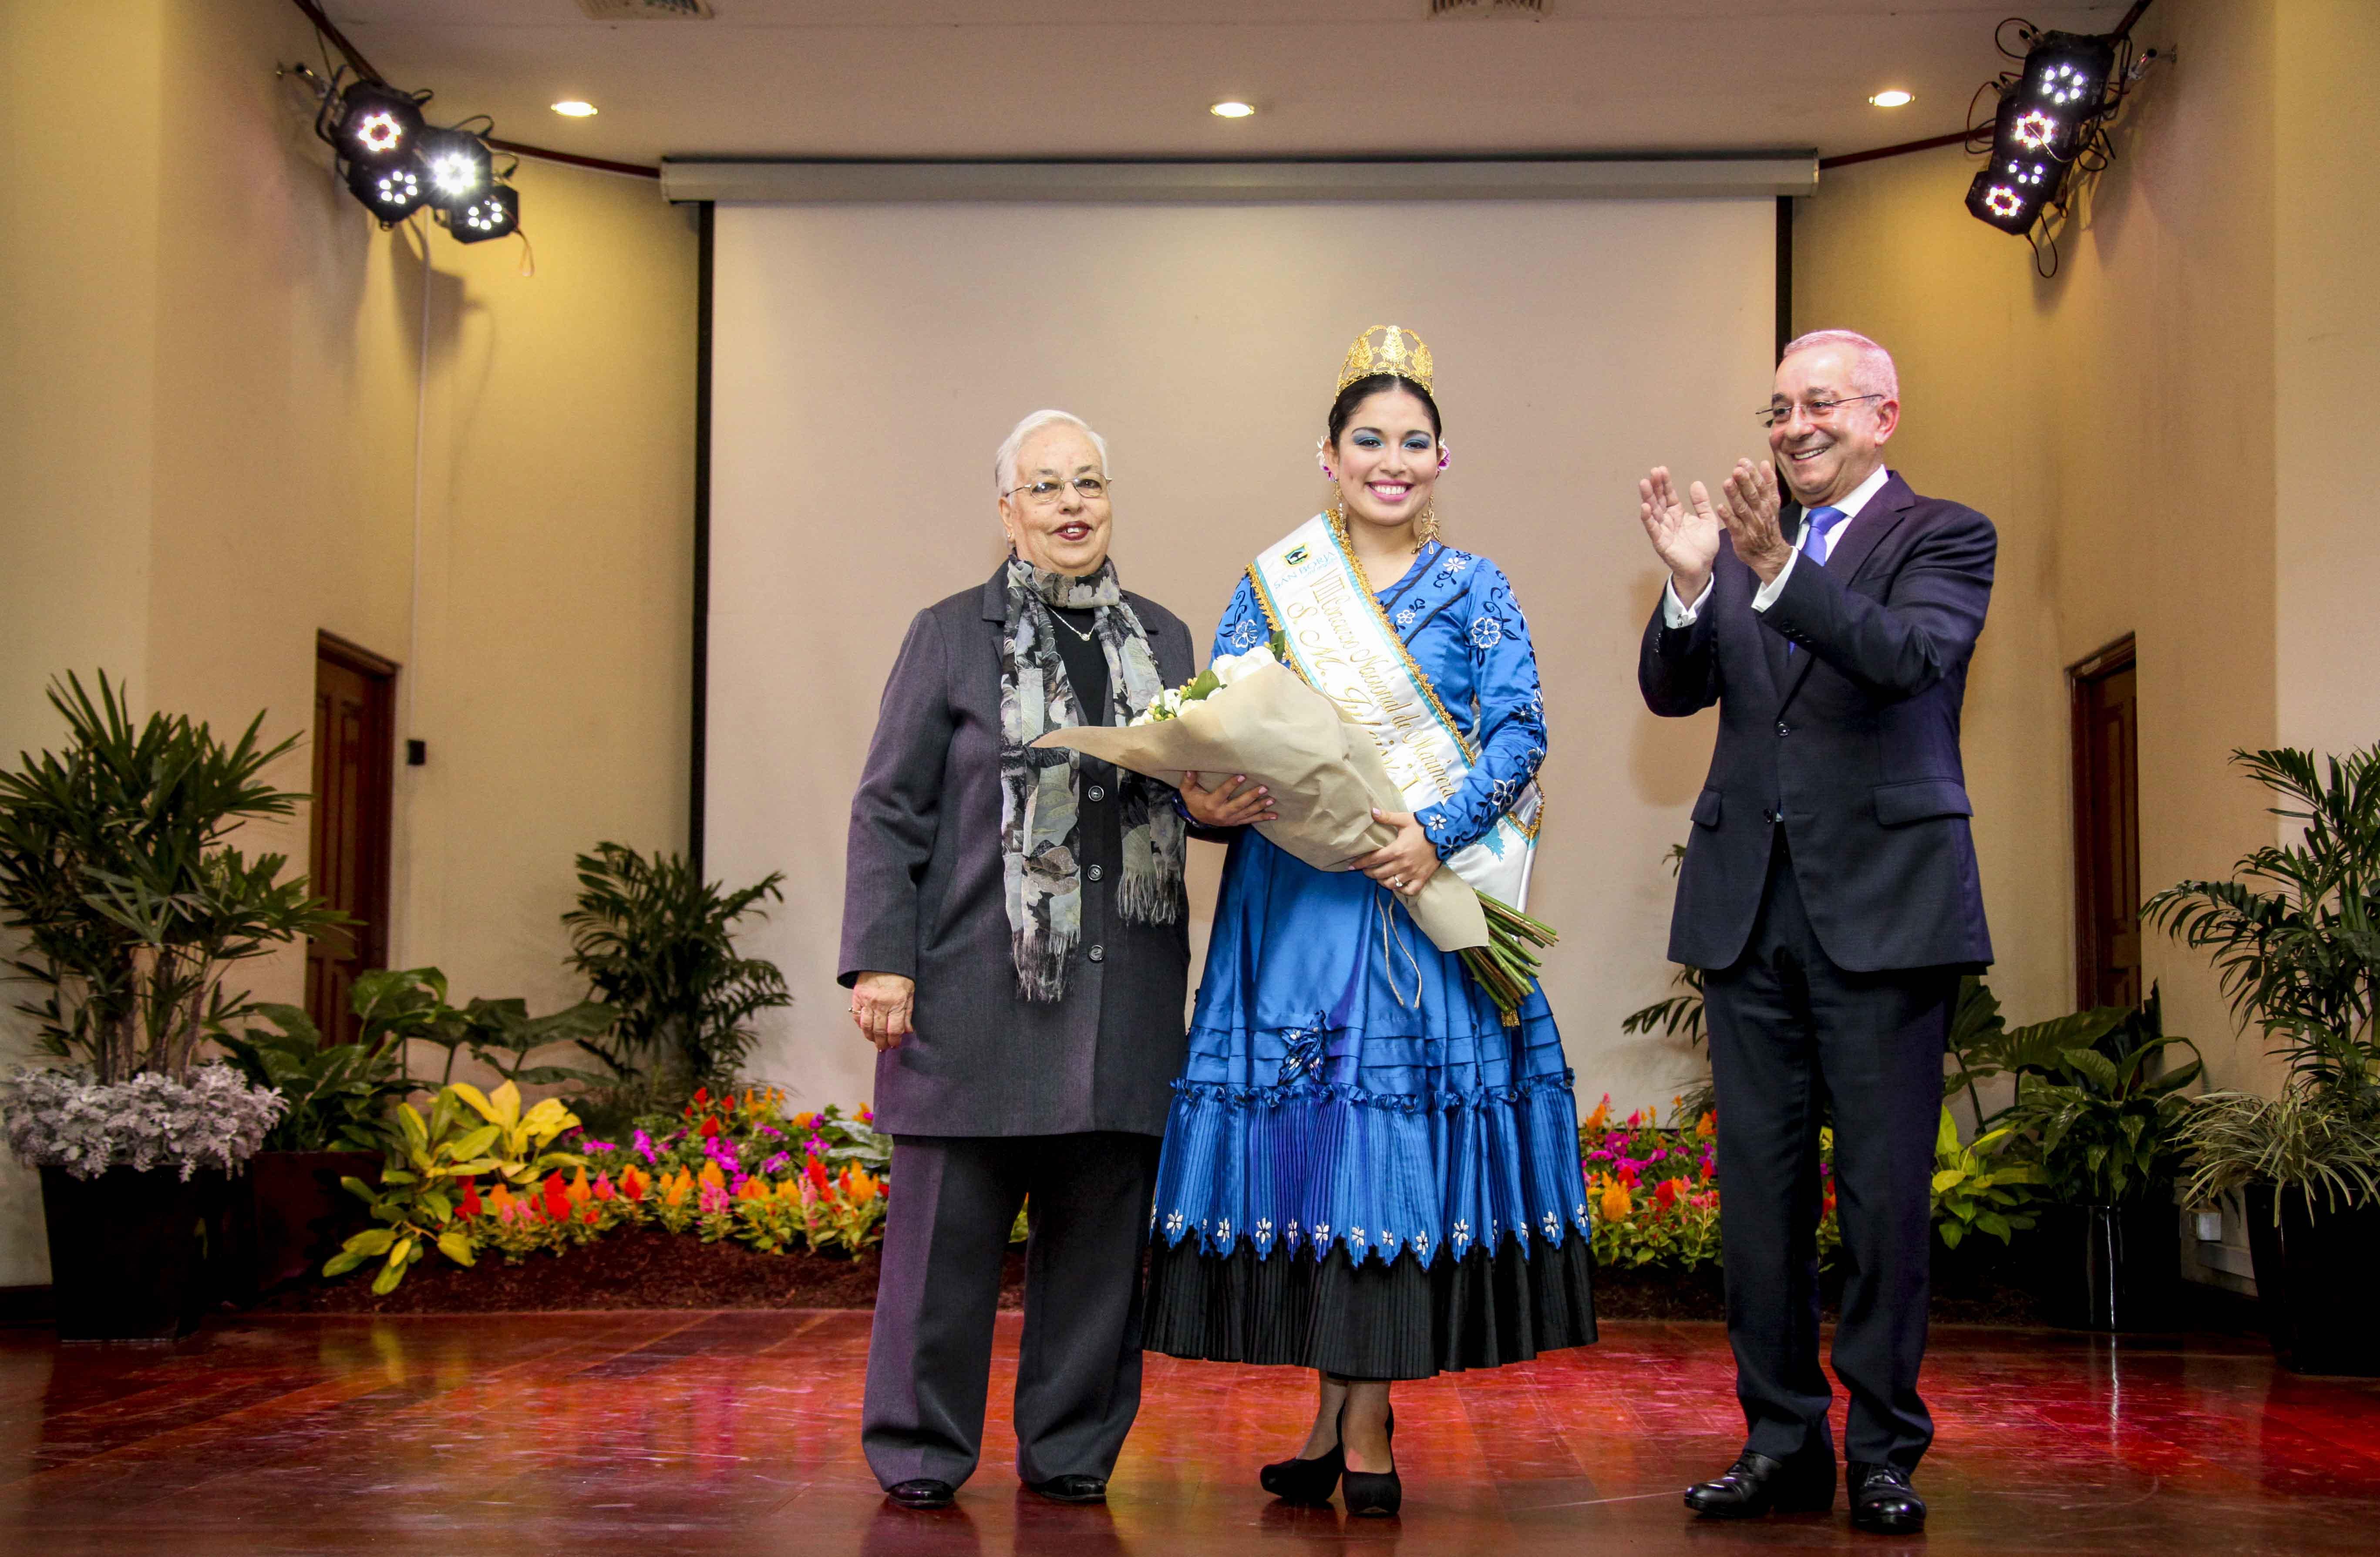 Concurso de Marinera Norteña de San Borja, a beneficio de los pacientes del ex Hospital del Niño